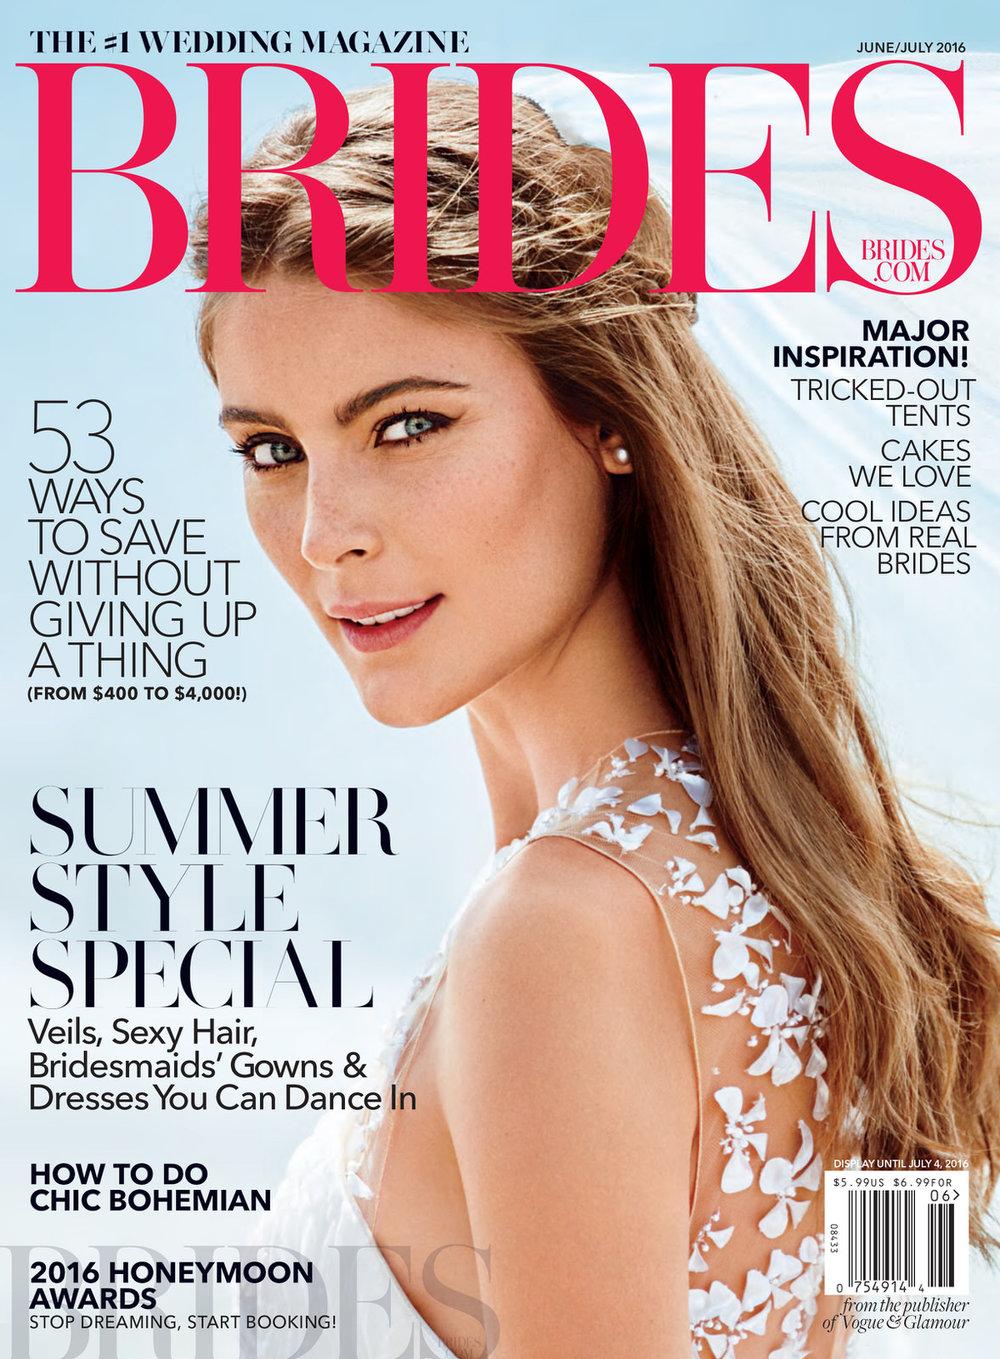 brides-magazine-june-2016.jpg